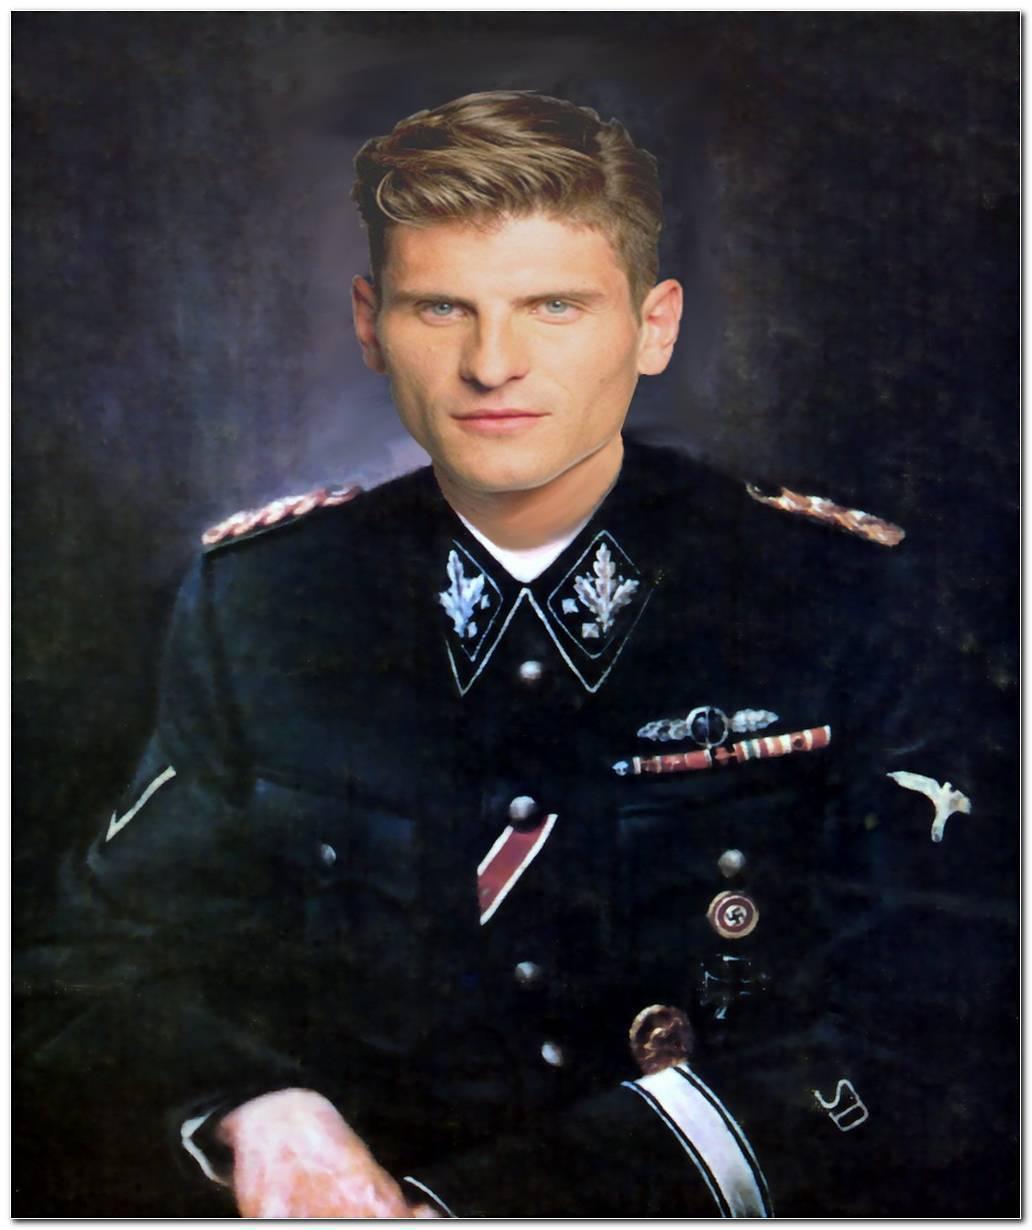 Nazi Frisur Frauen